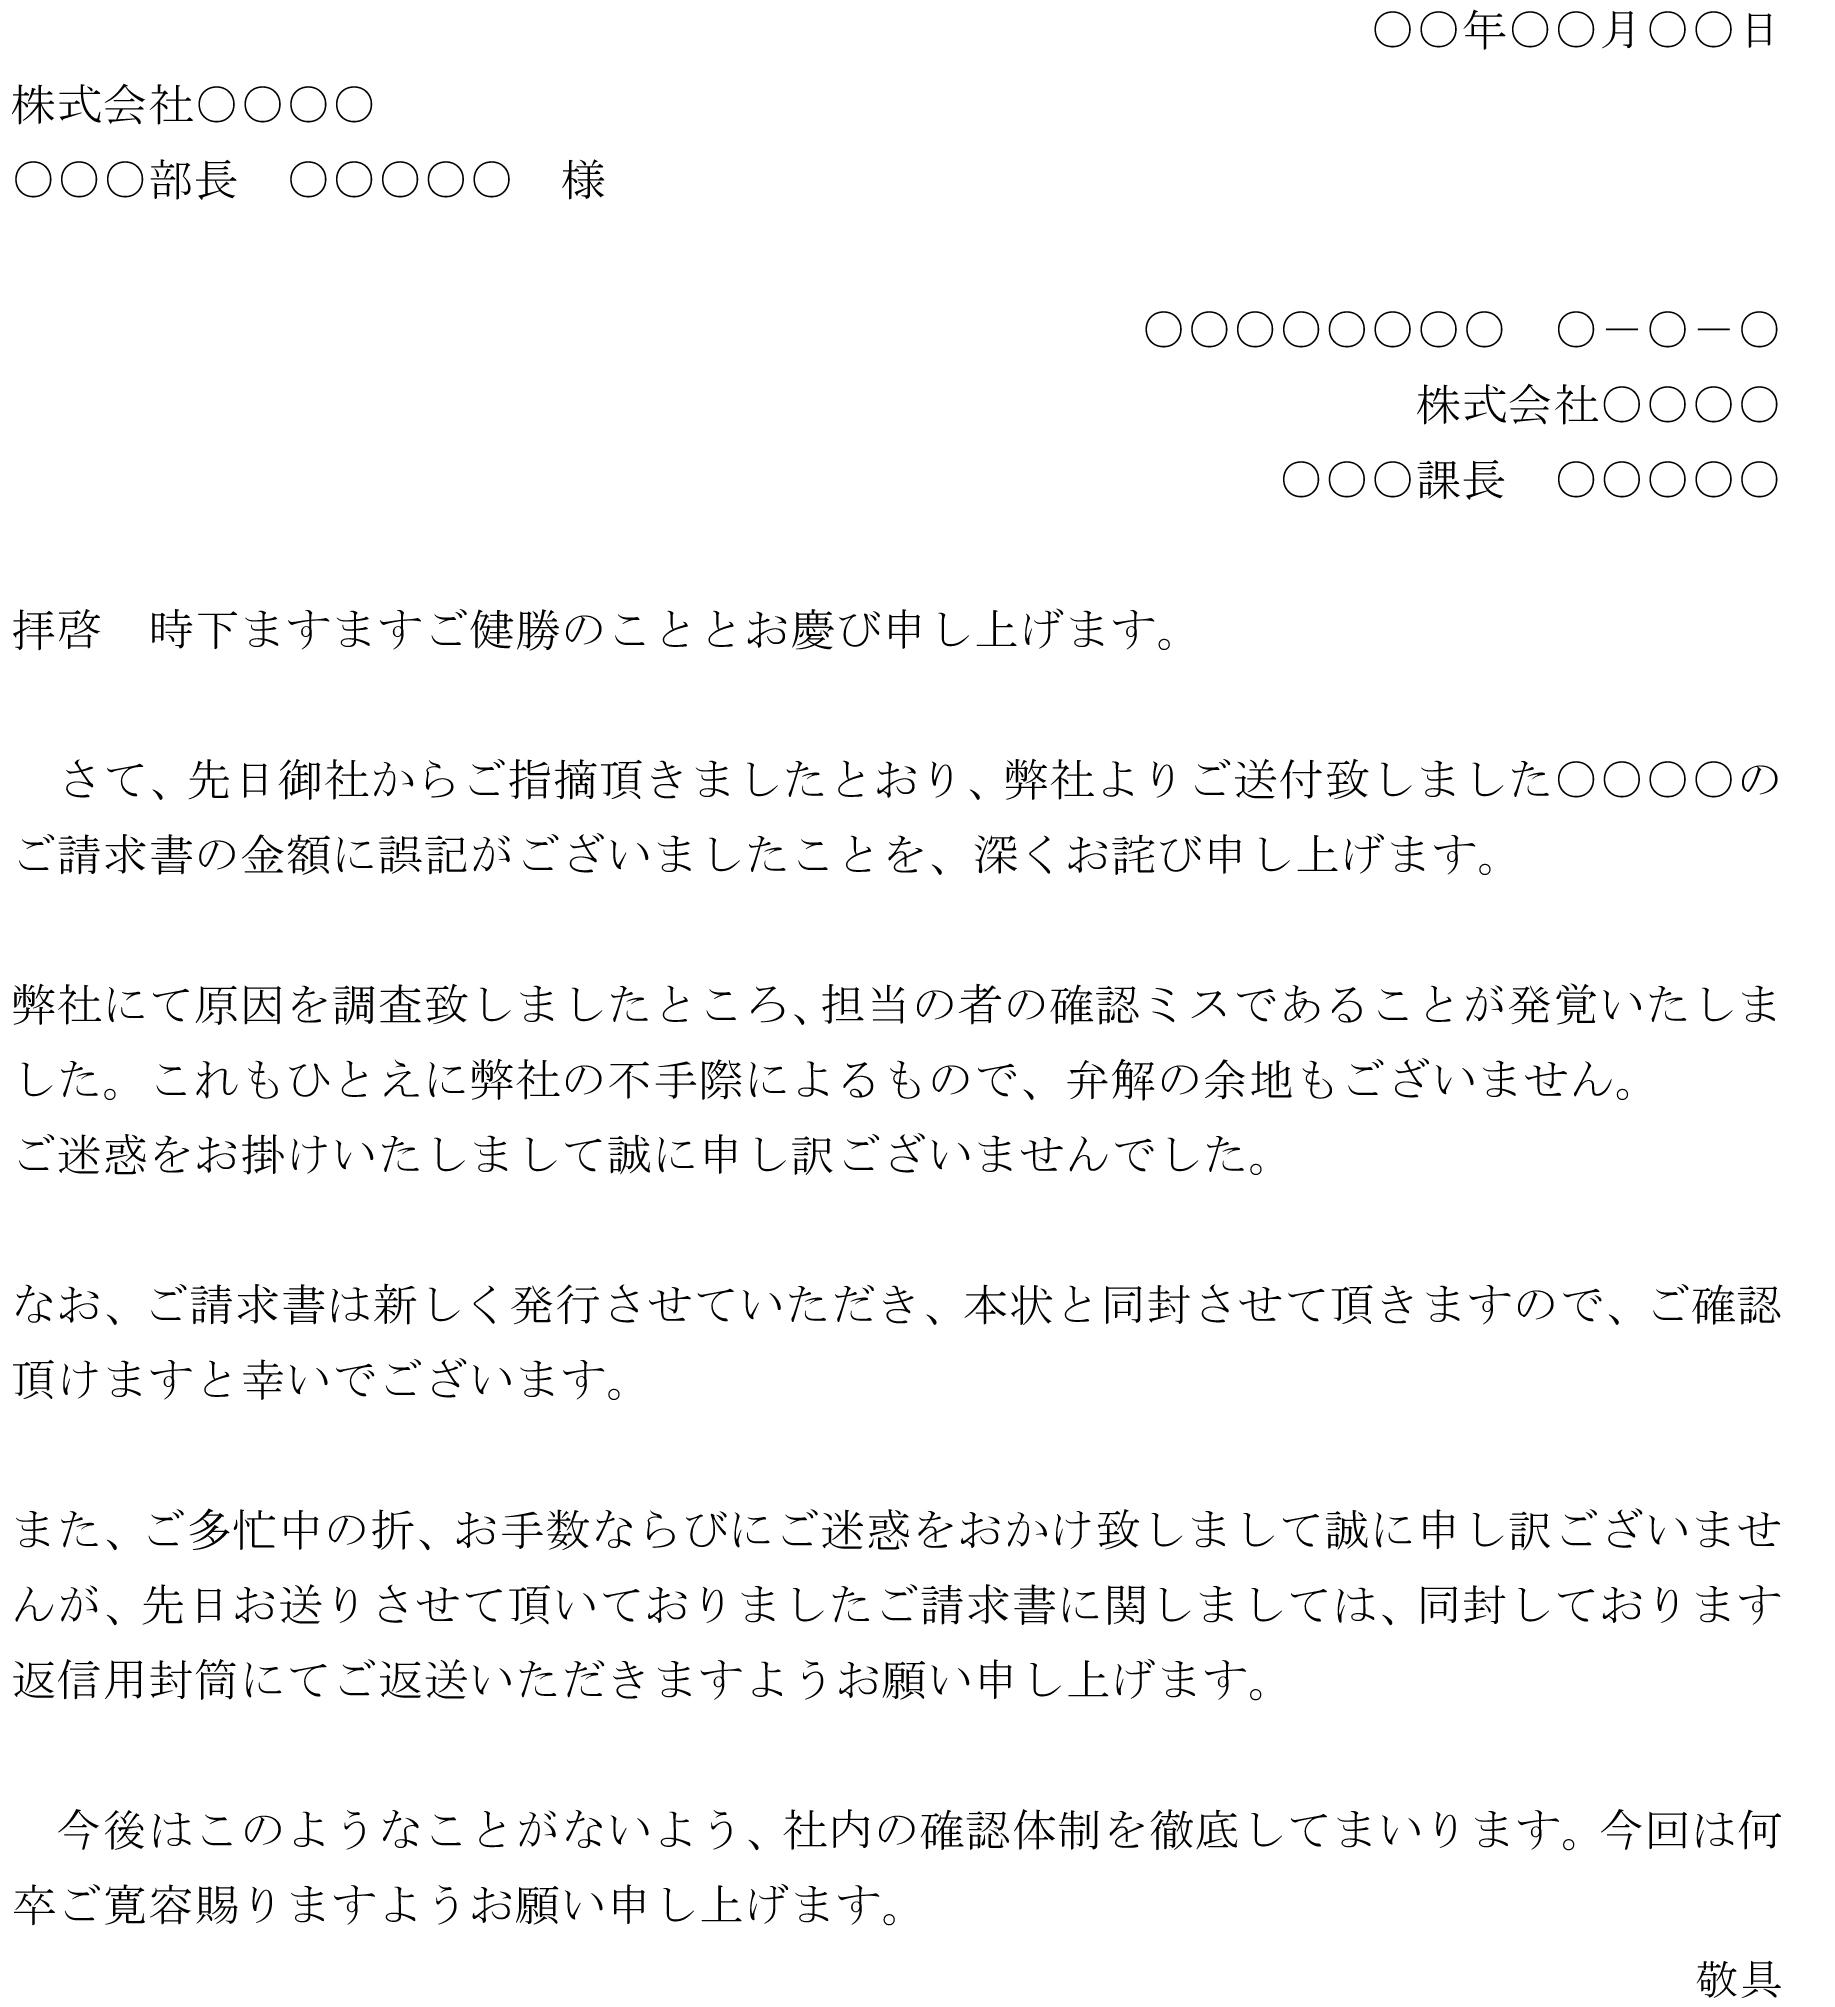 お詫び状(確認ミスによる請求書誤記)